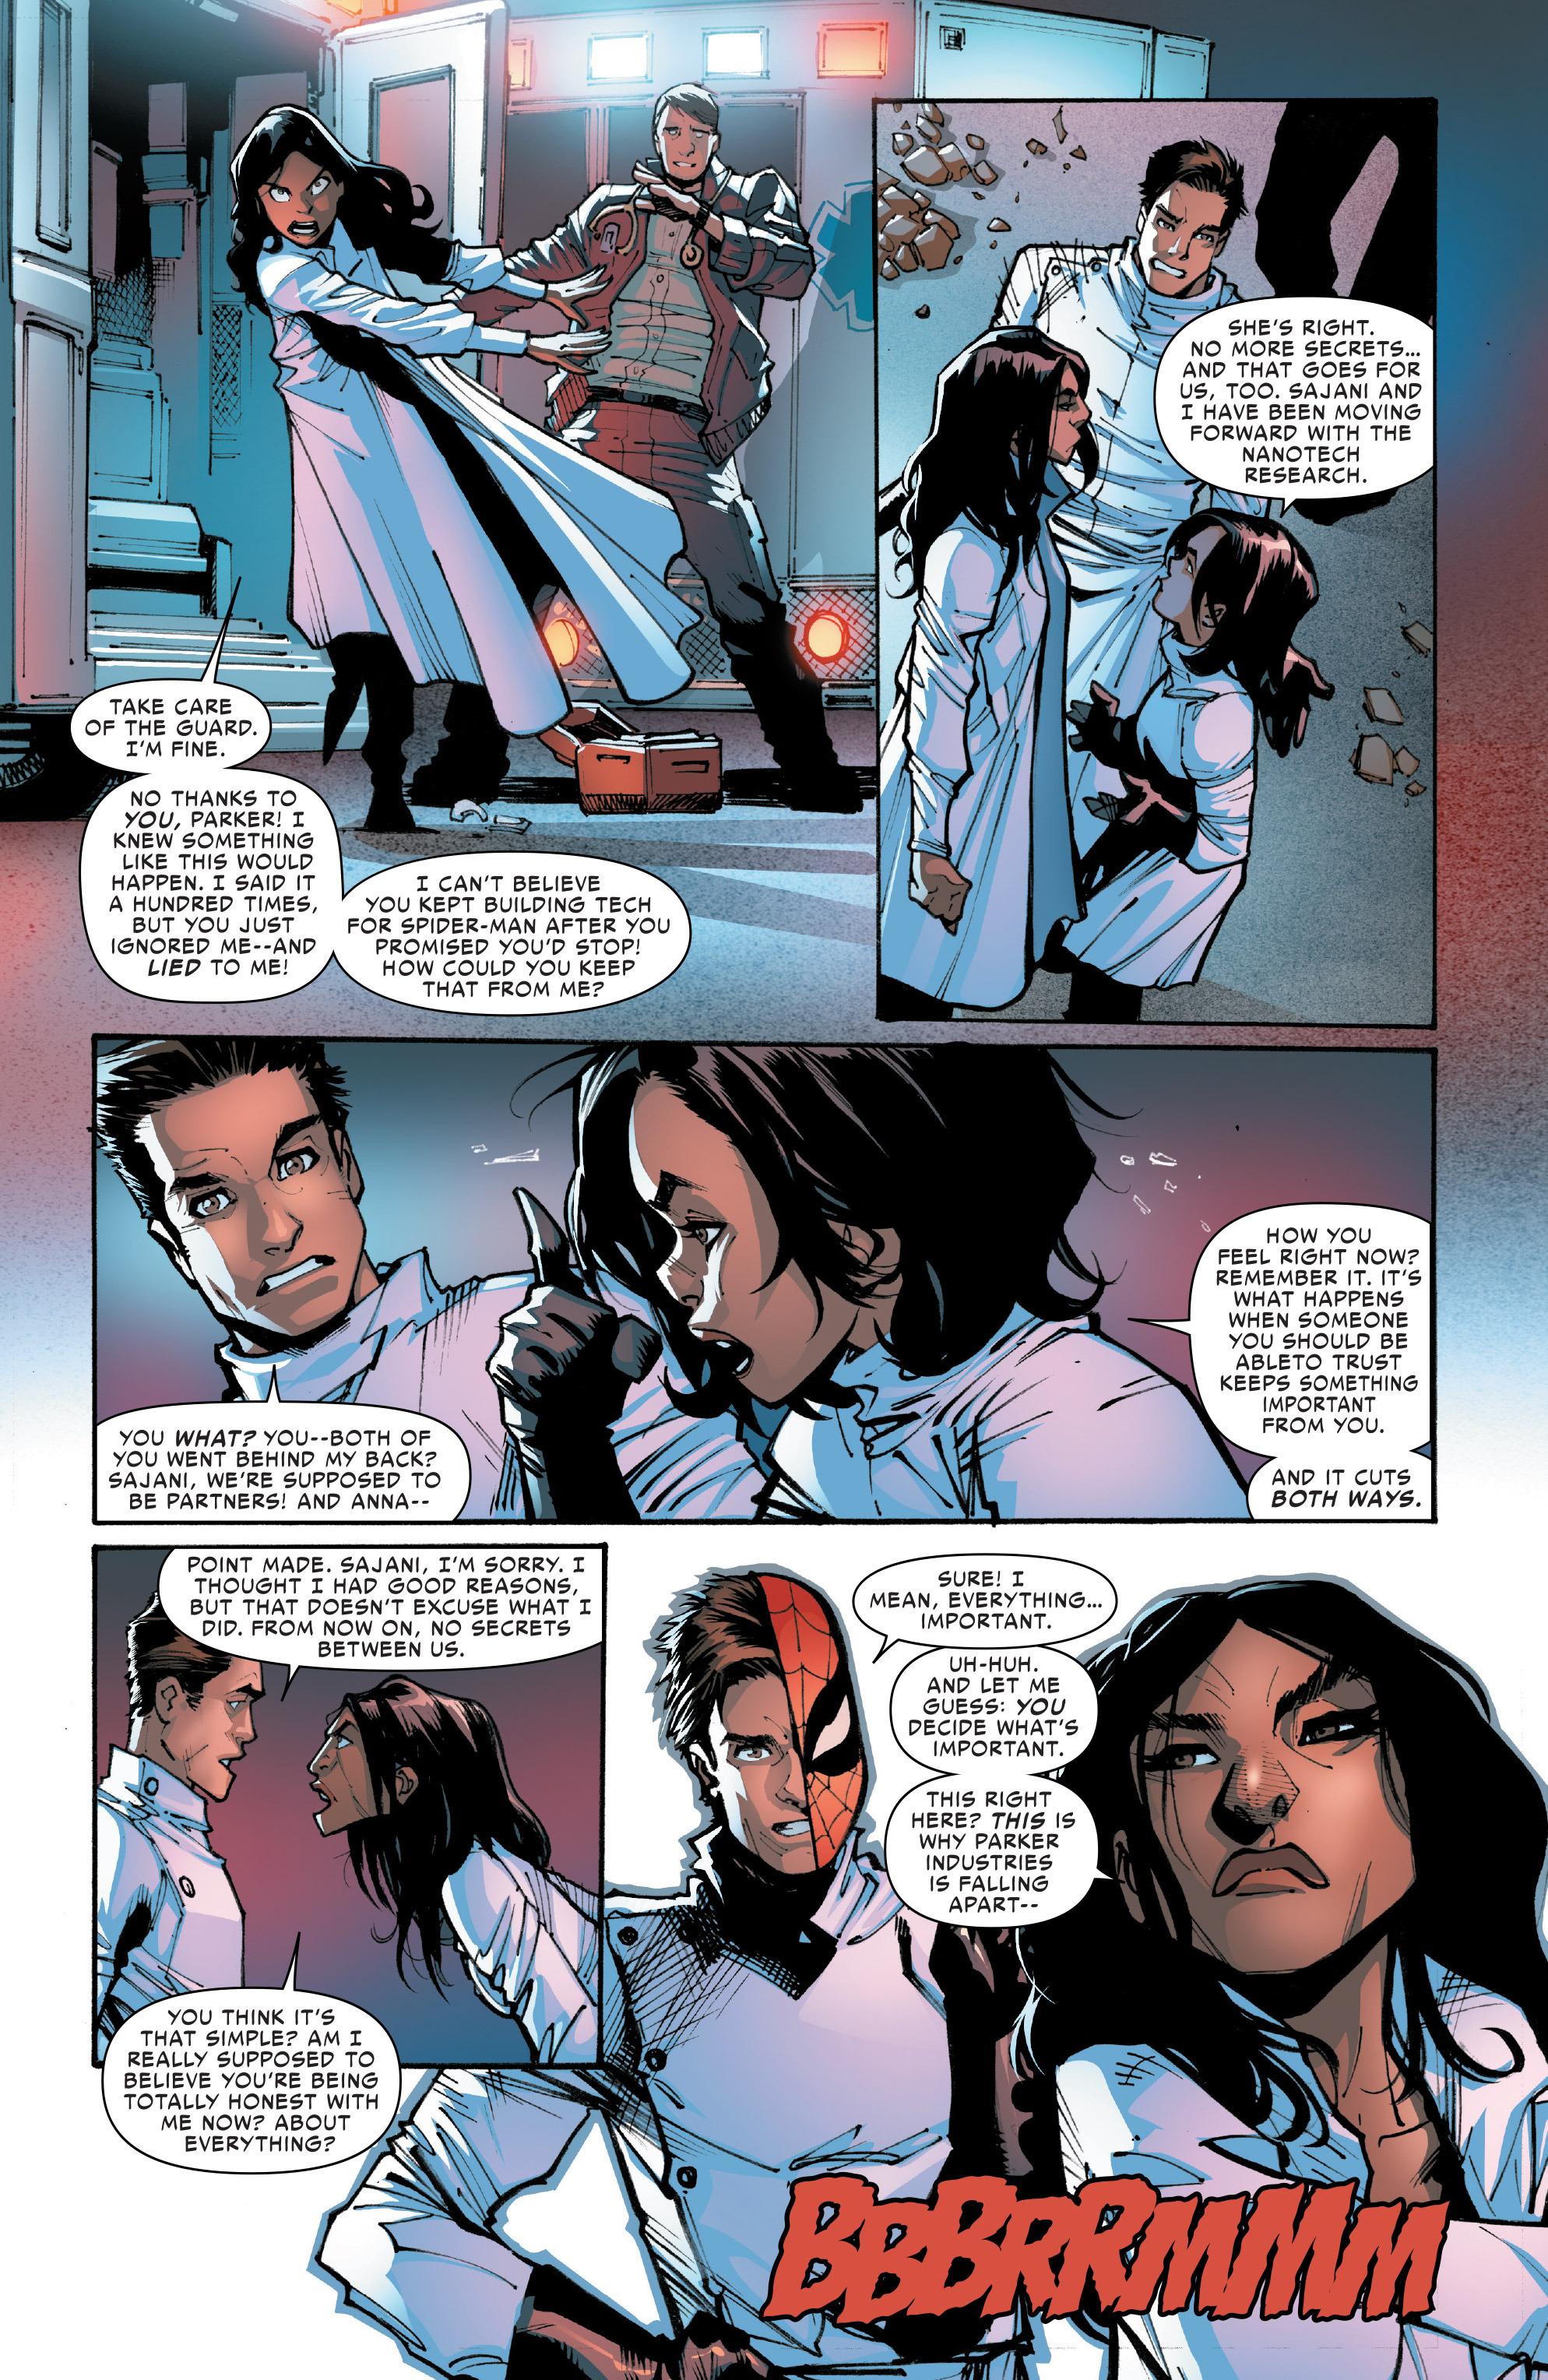 AmazingSpider-Man(2014)#18--p13